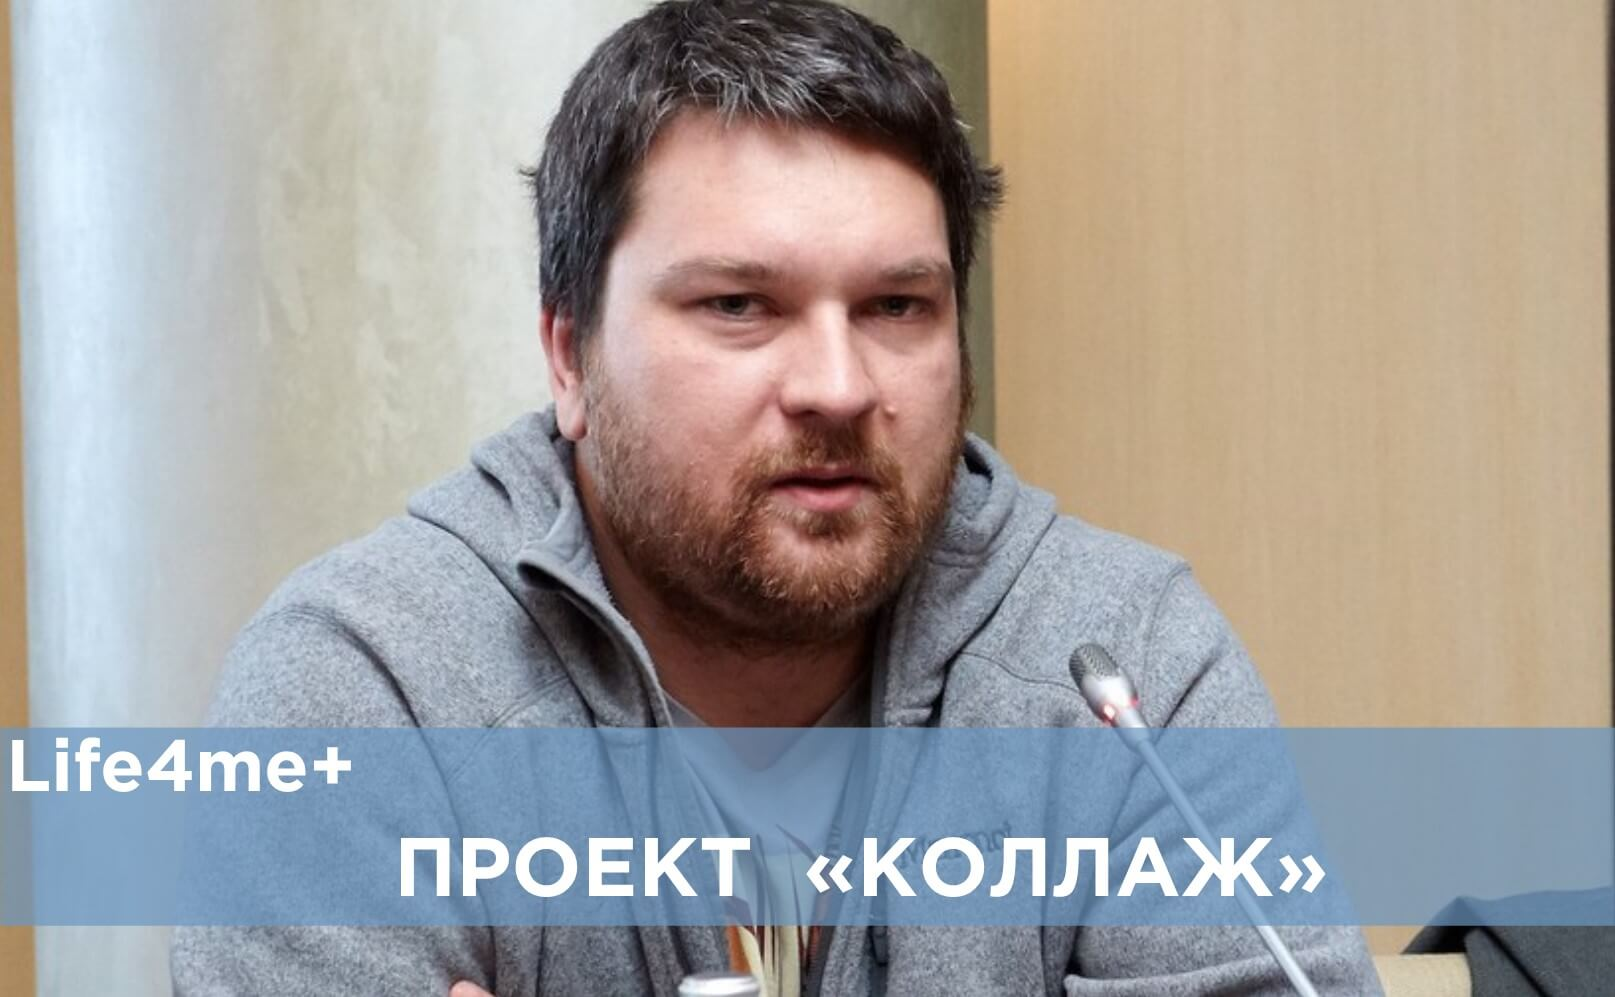 """Коллаж: """"Сфера ВИЧ – это не про деньги, а про идею"""", - Григорий Вергус - изображение 1"""